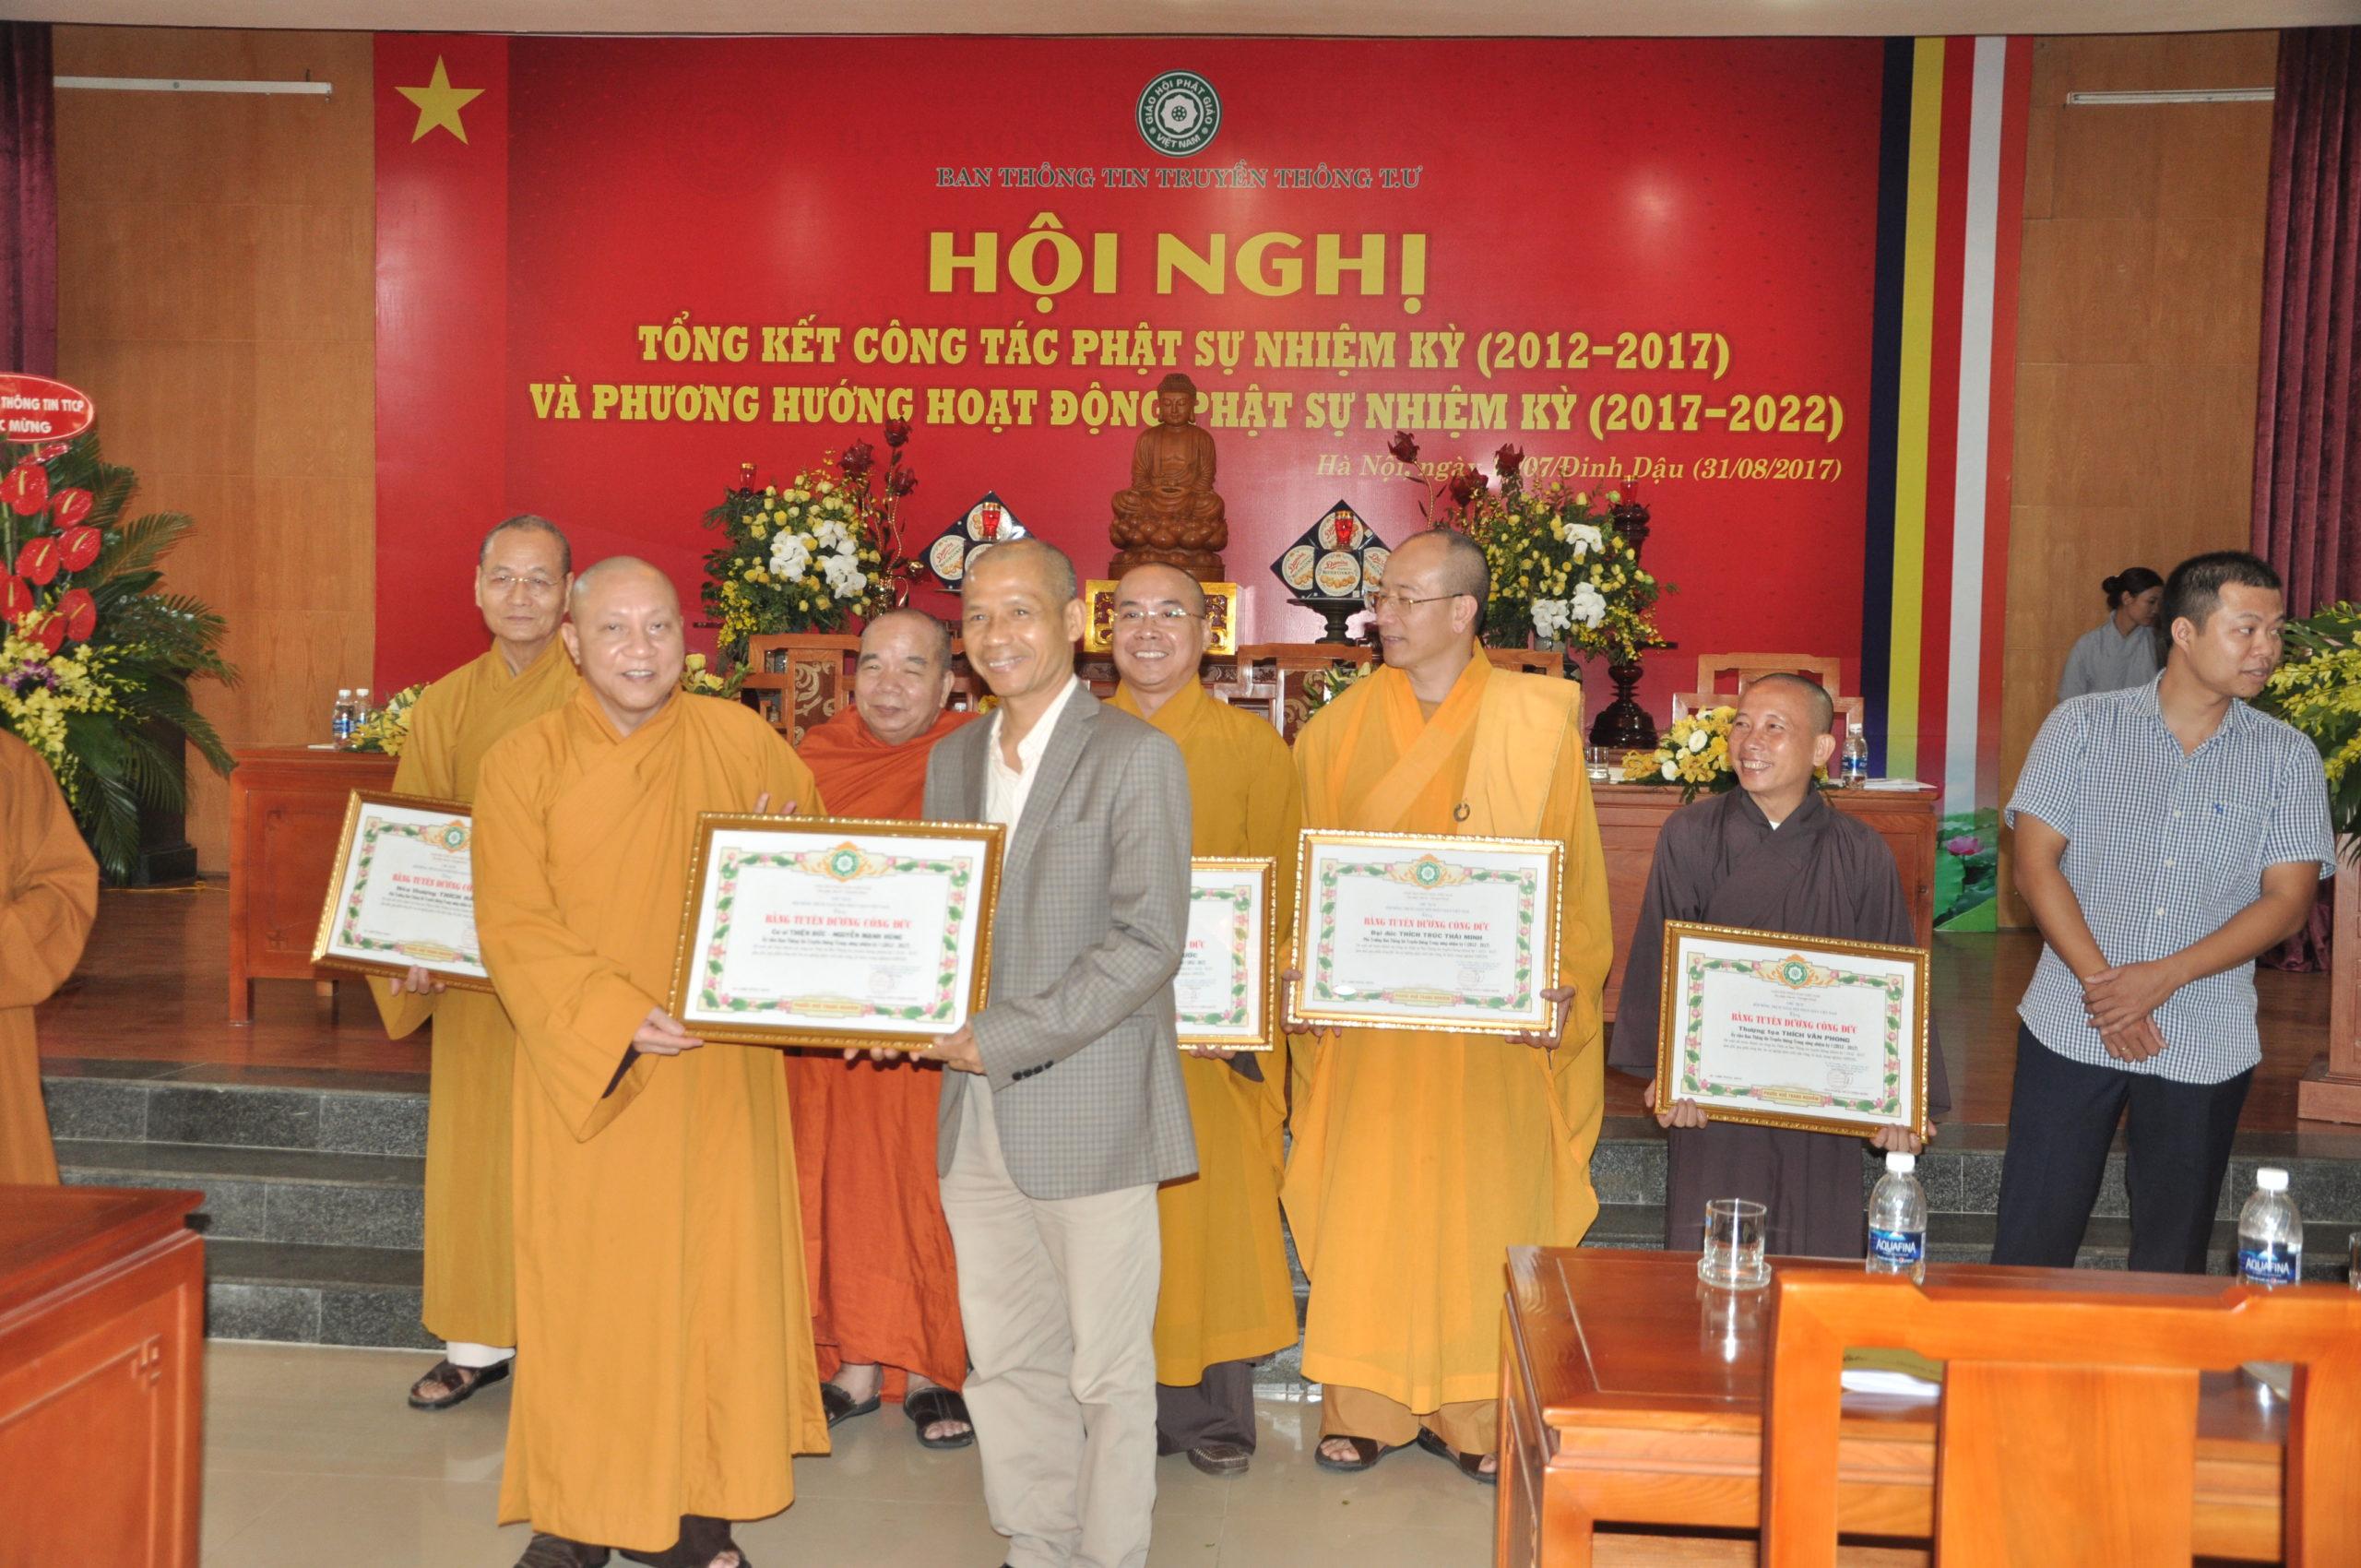 TS Nguyễn Mạnh Hùng được nhận bằng khen của Trung ương Giáo hội Phật giáo Việt Nam